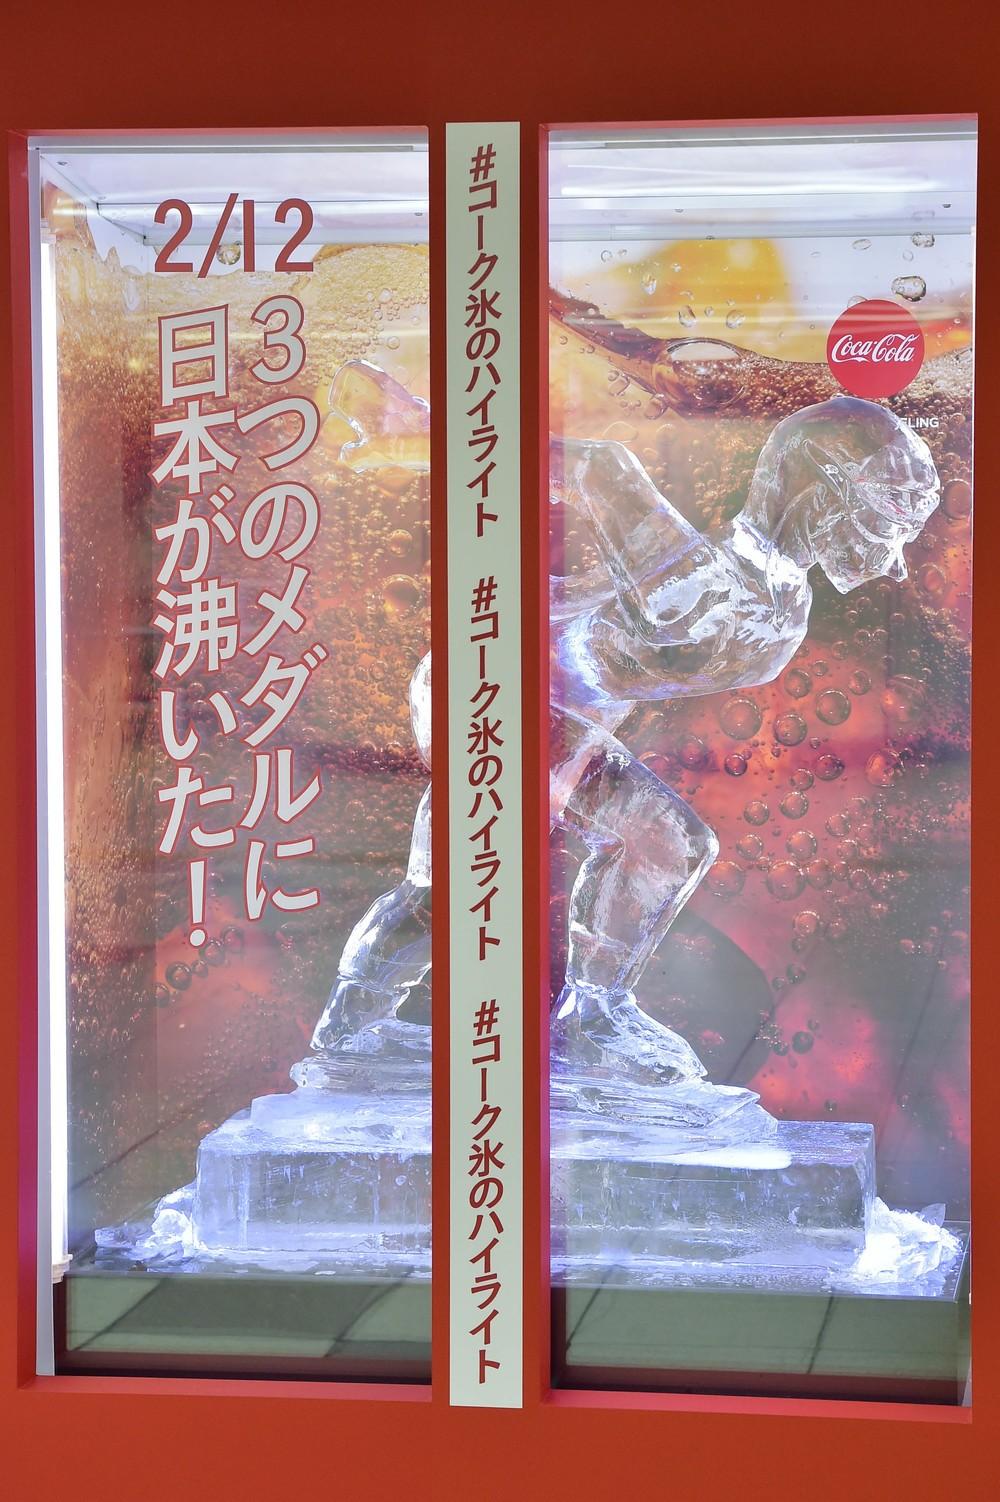 平昌五輪の感動の名場面が氷像に 新宿駅に毎日続々登場、次のハイライトシーンが楽しみ